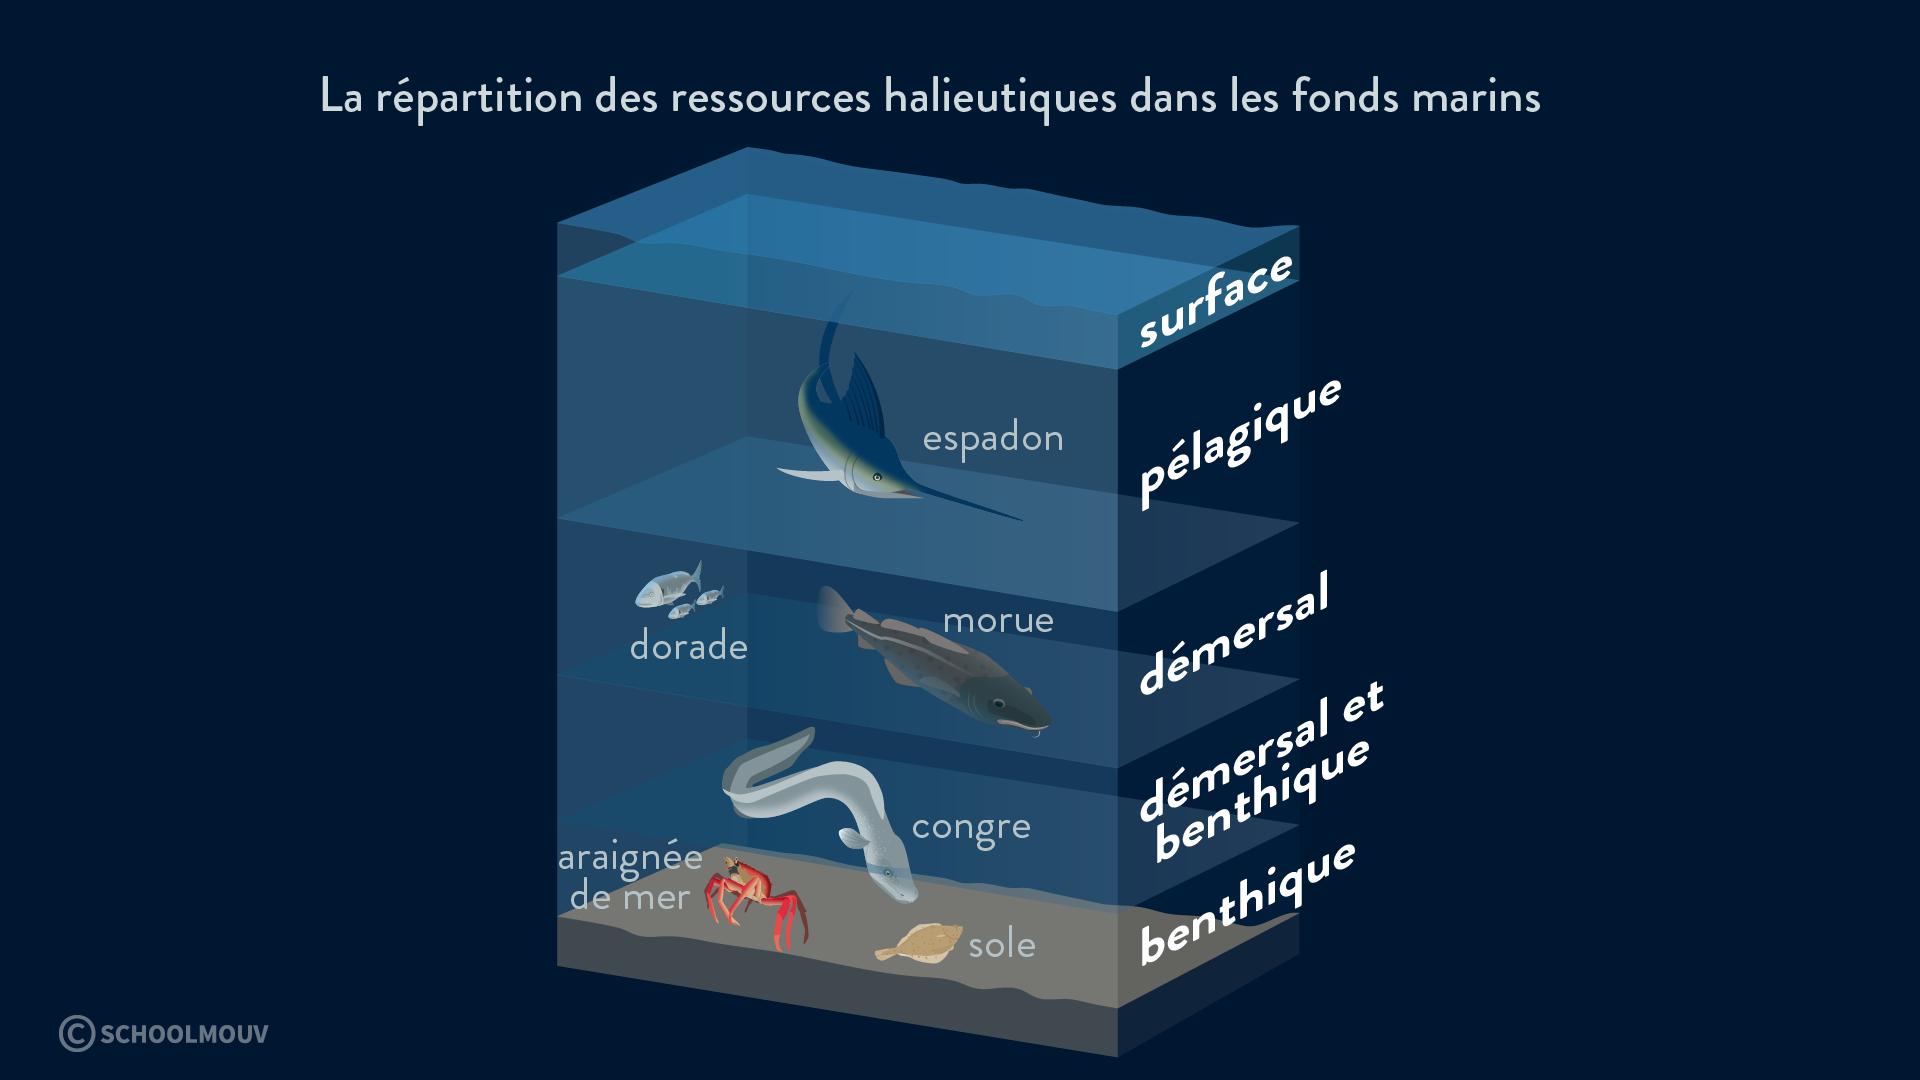 La répartition des ressources halieutiques dans les fonds marins - géographie - terminale - SchoolMouv